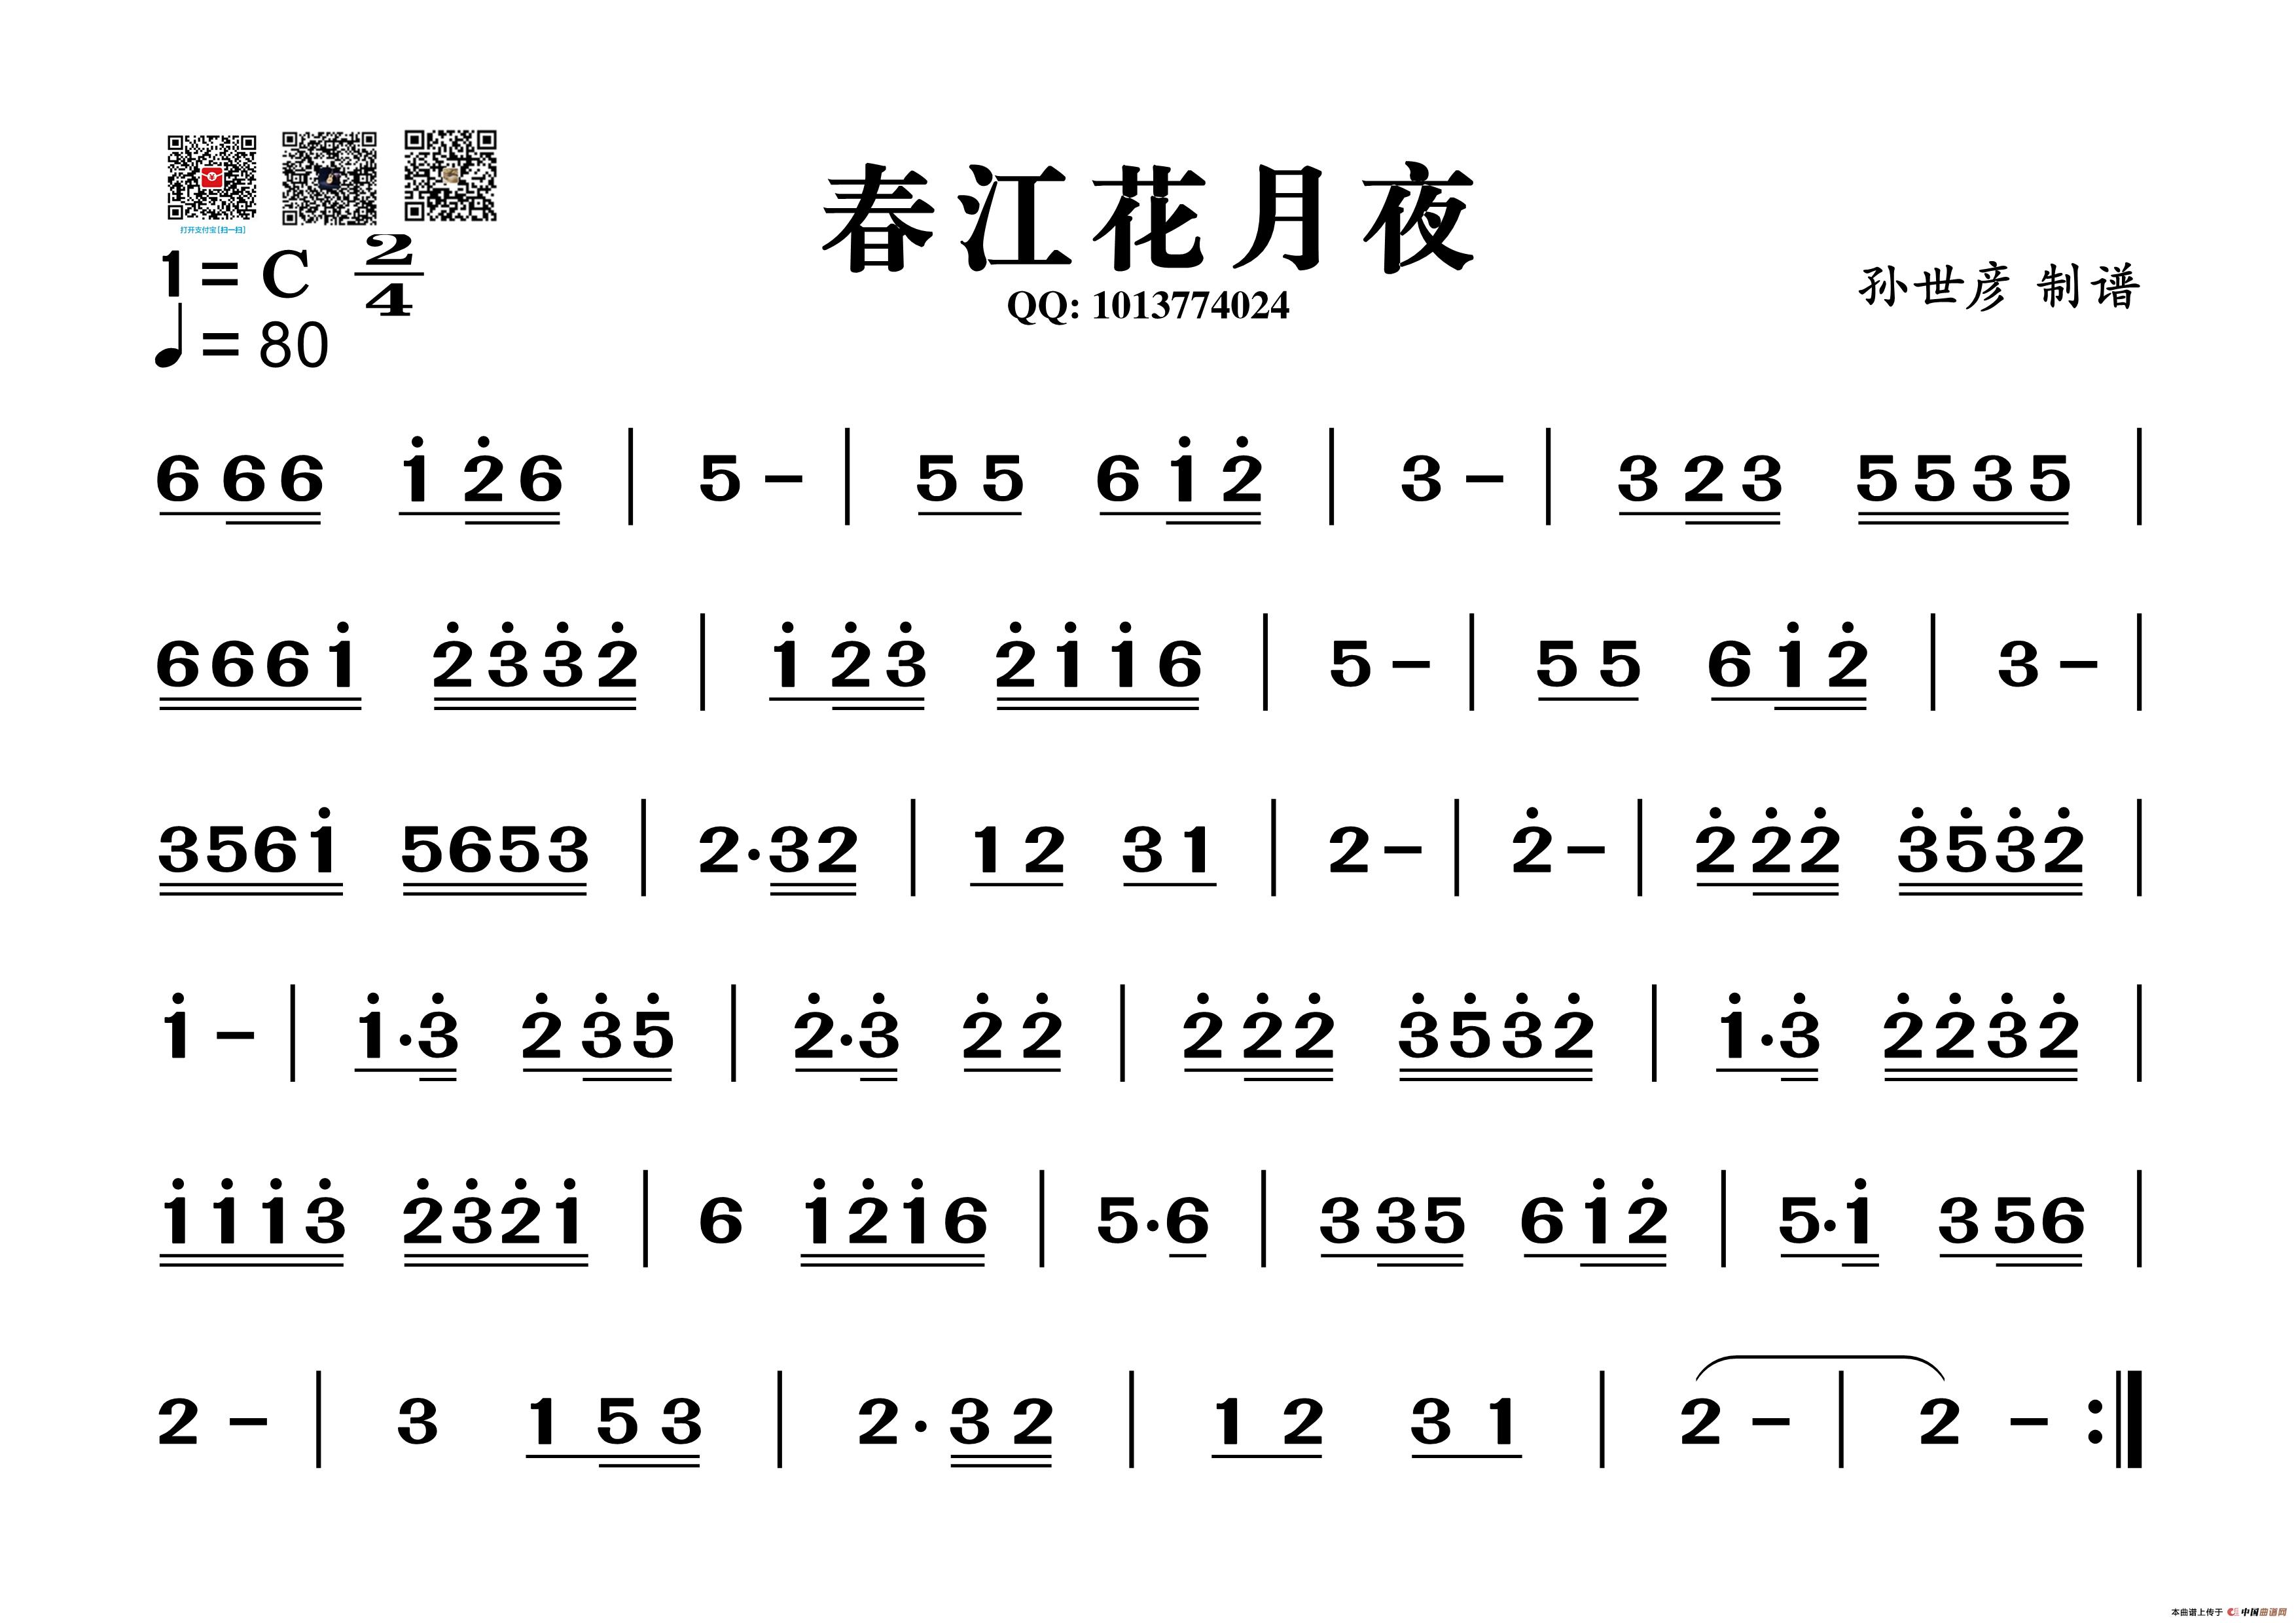 春江花月夜简谱(葫芦丝旋律谱)_谱友园地_中国曲谱网